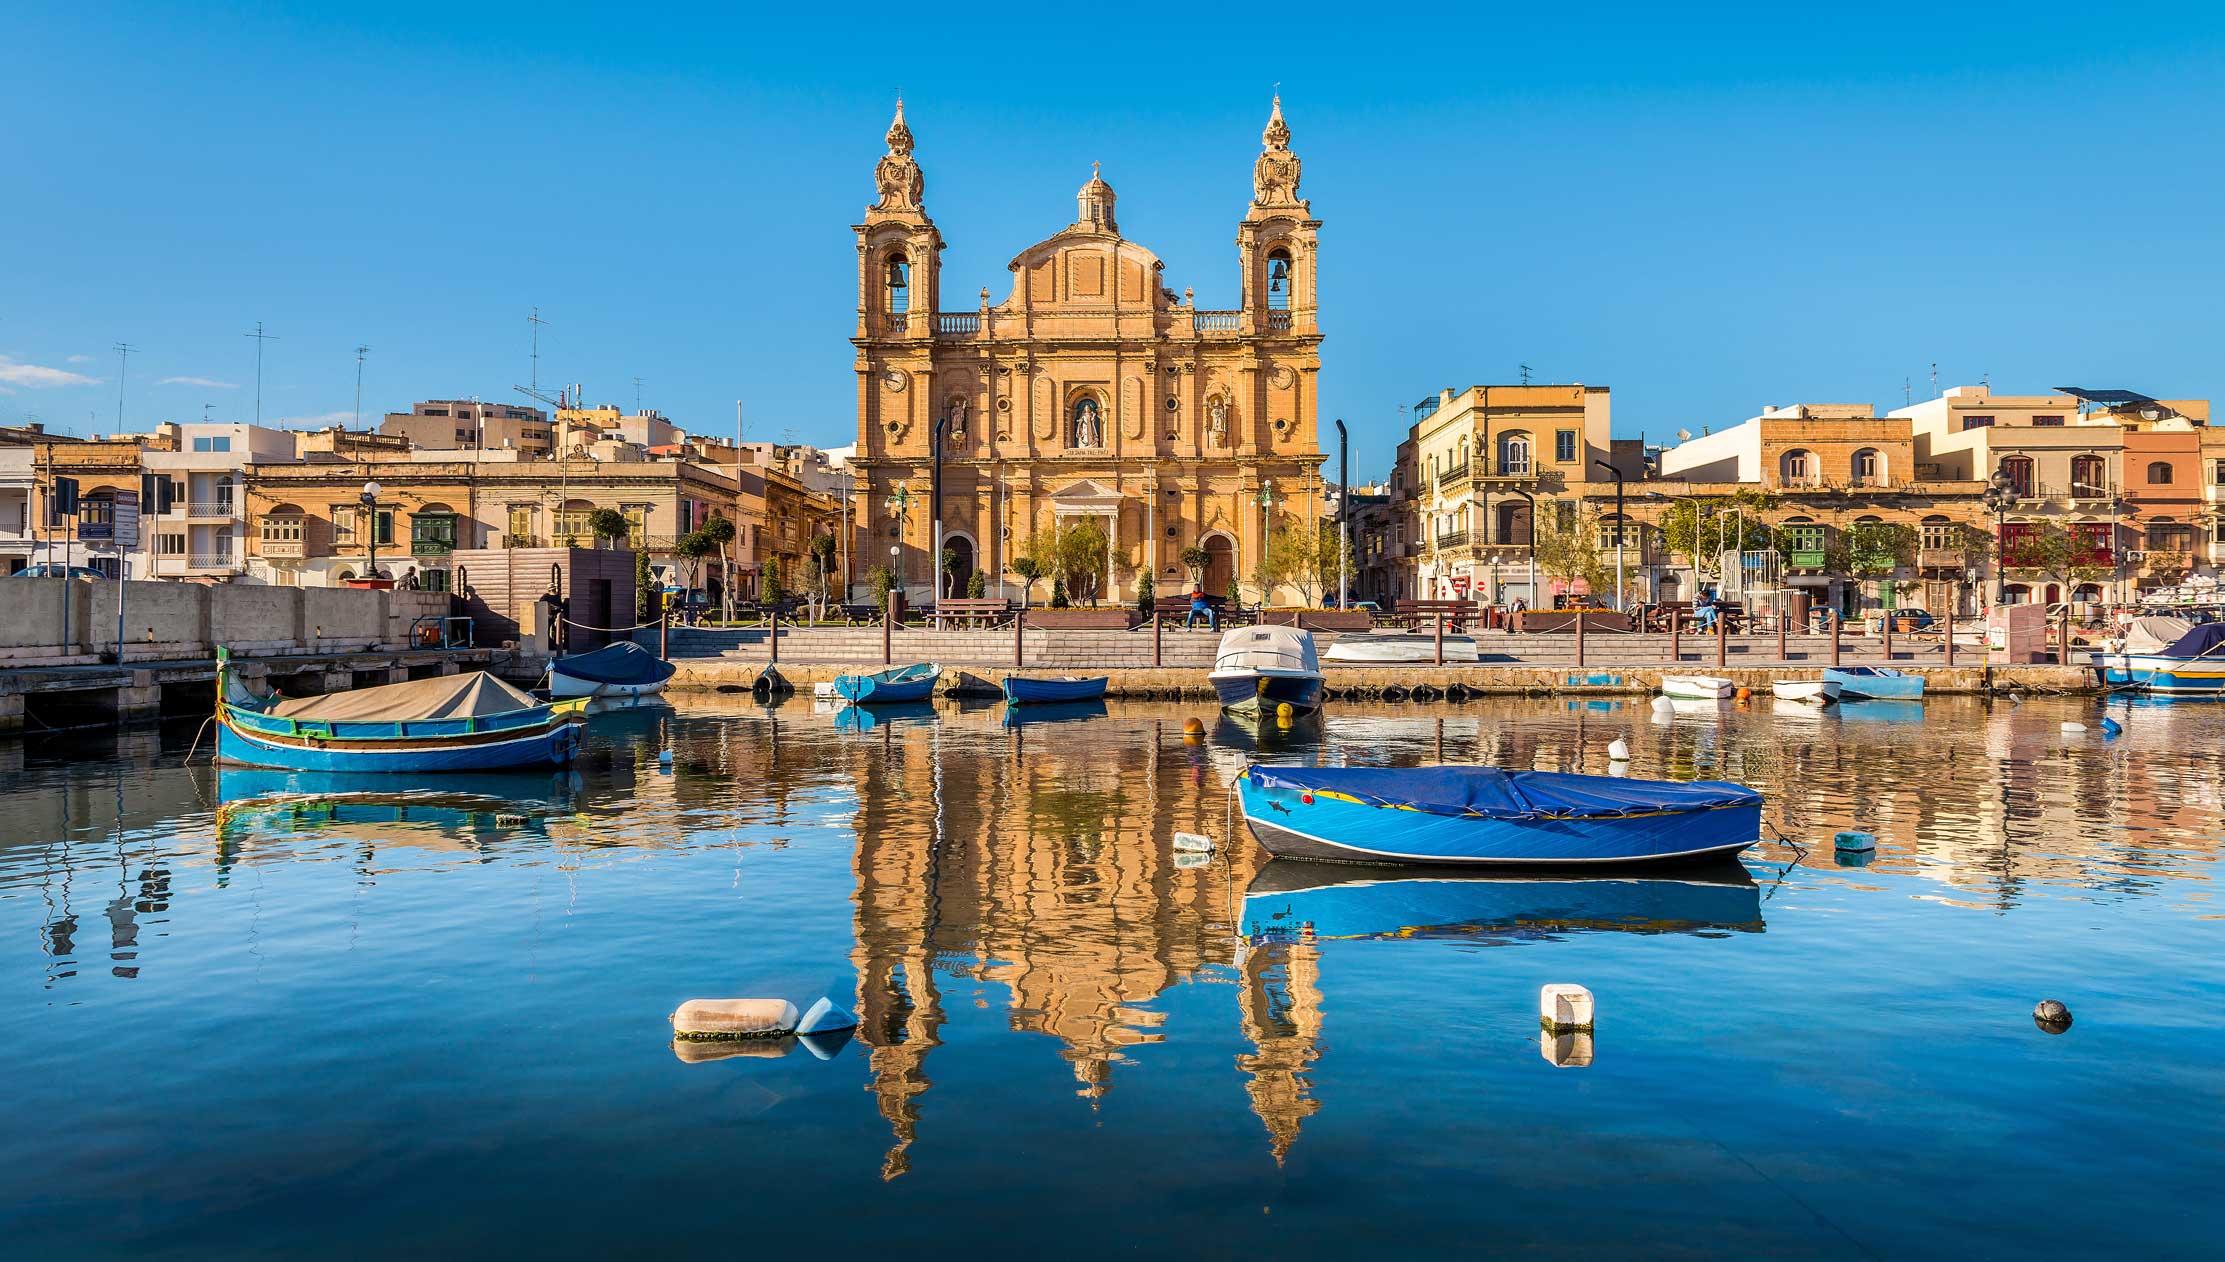 Мальта гражданство Мальты через инвестиции в недвижимость